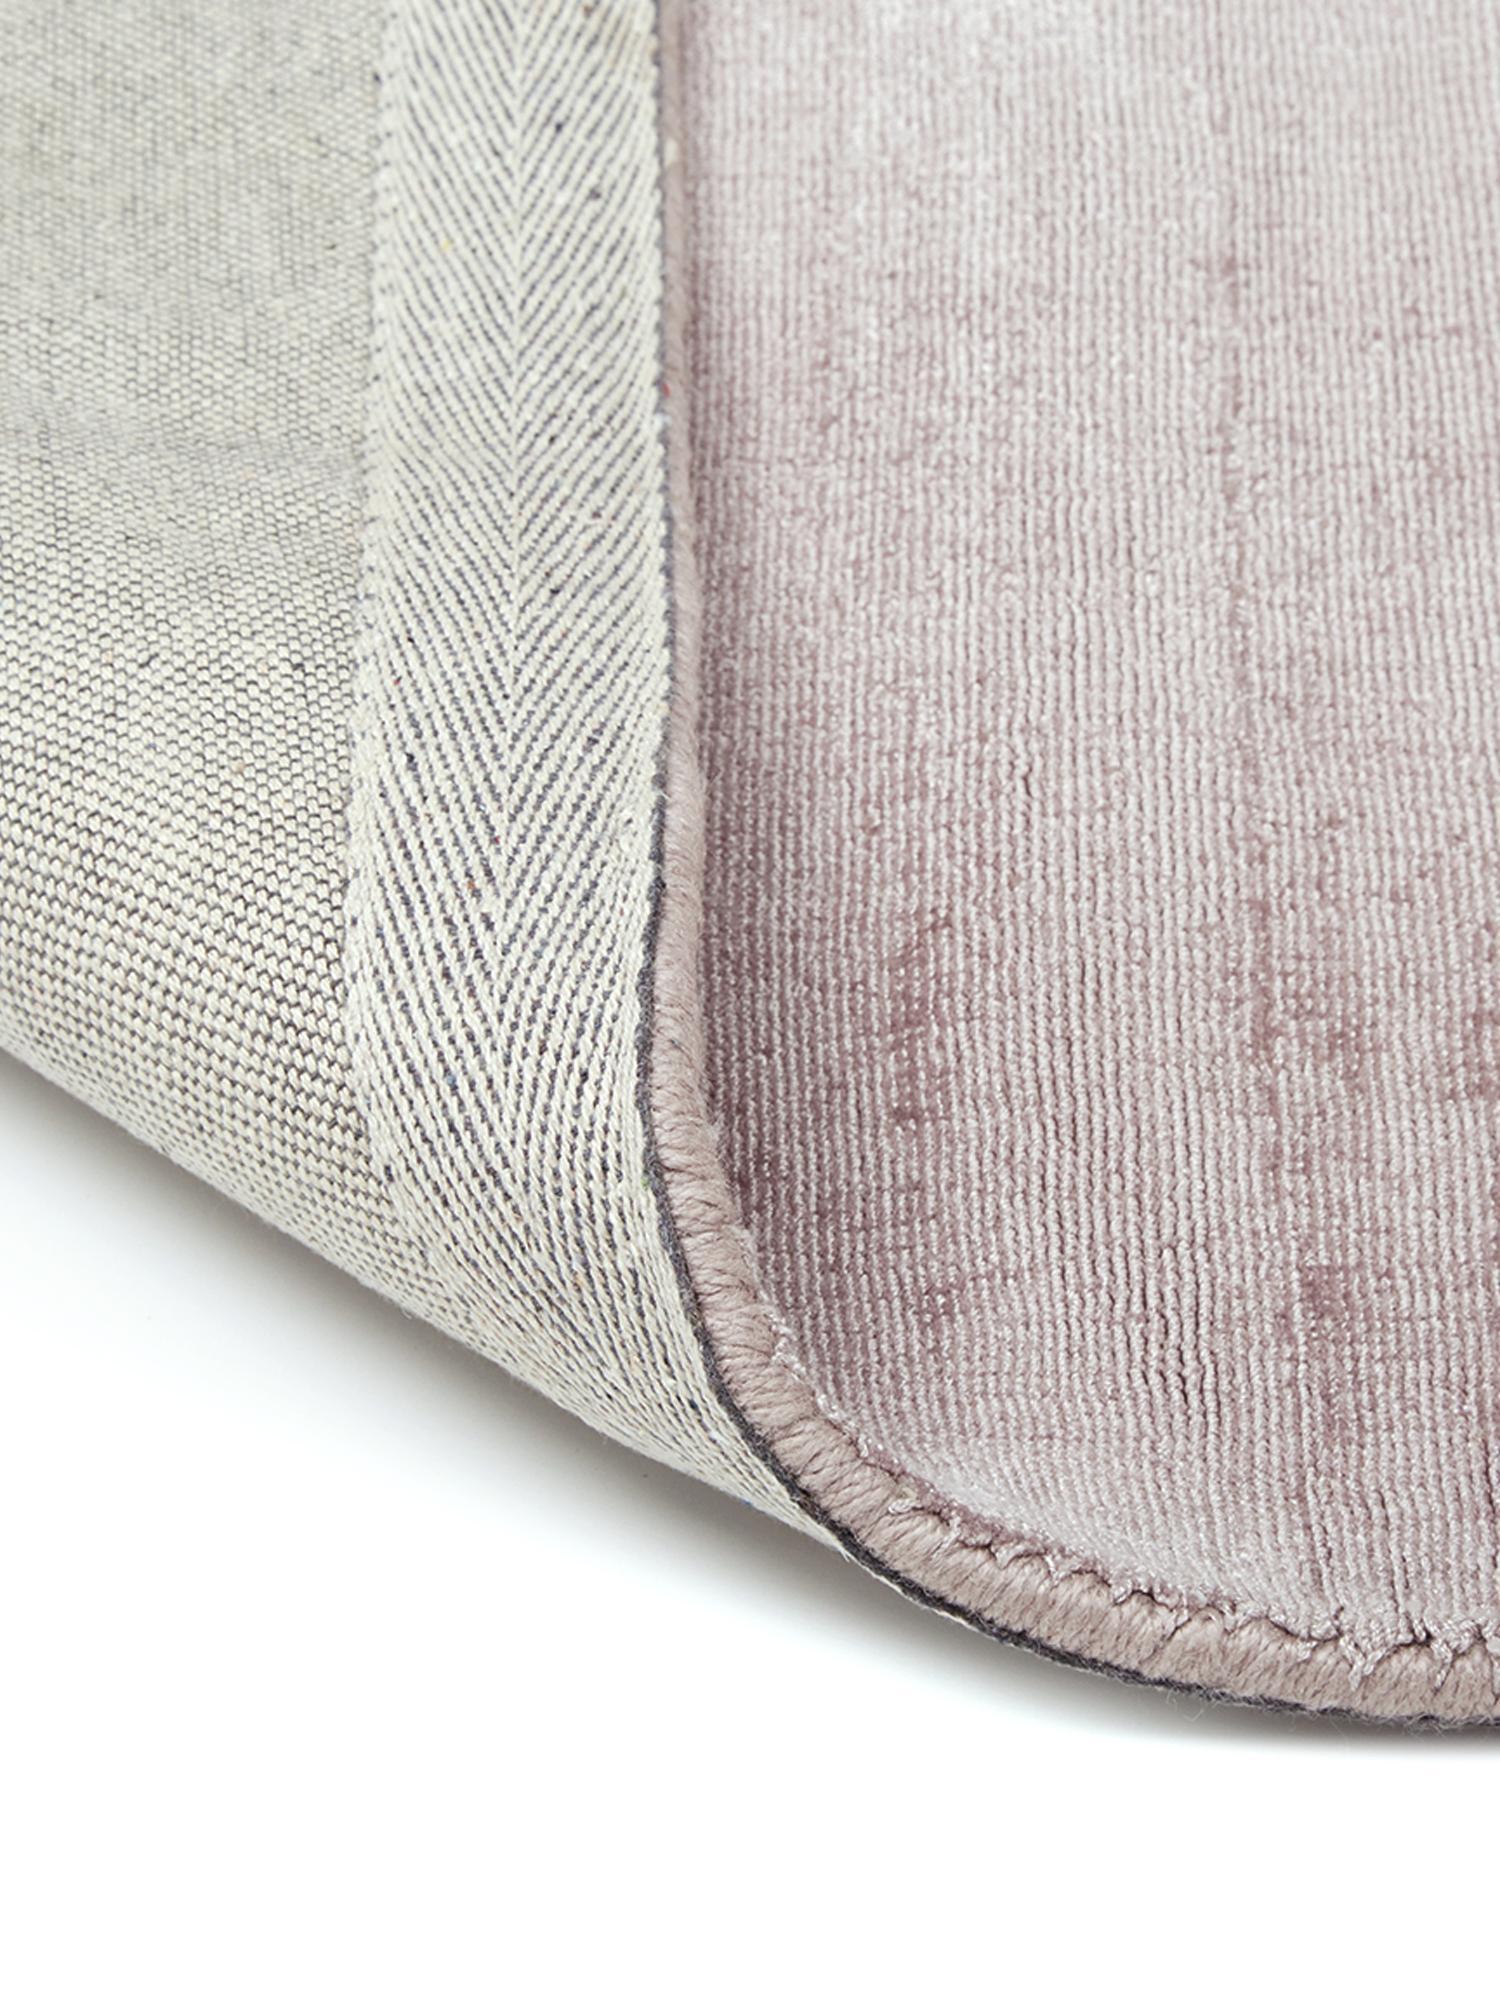 Handgewebter Viskoseteppich Jane in Flieder, Flor: 100% Viskose, Flieder, B 200 x L 300 cm (Größe L)